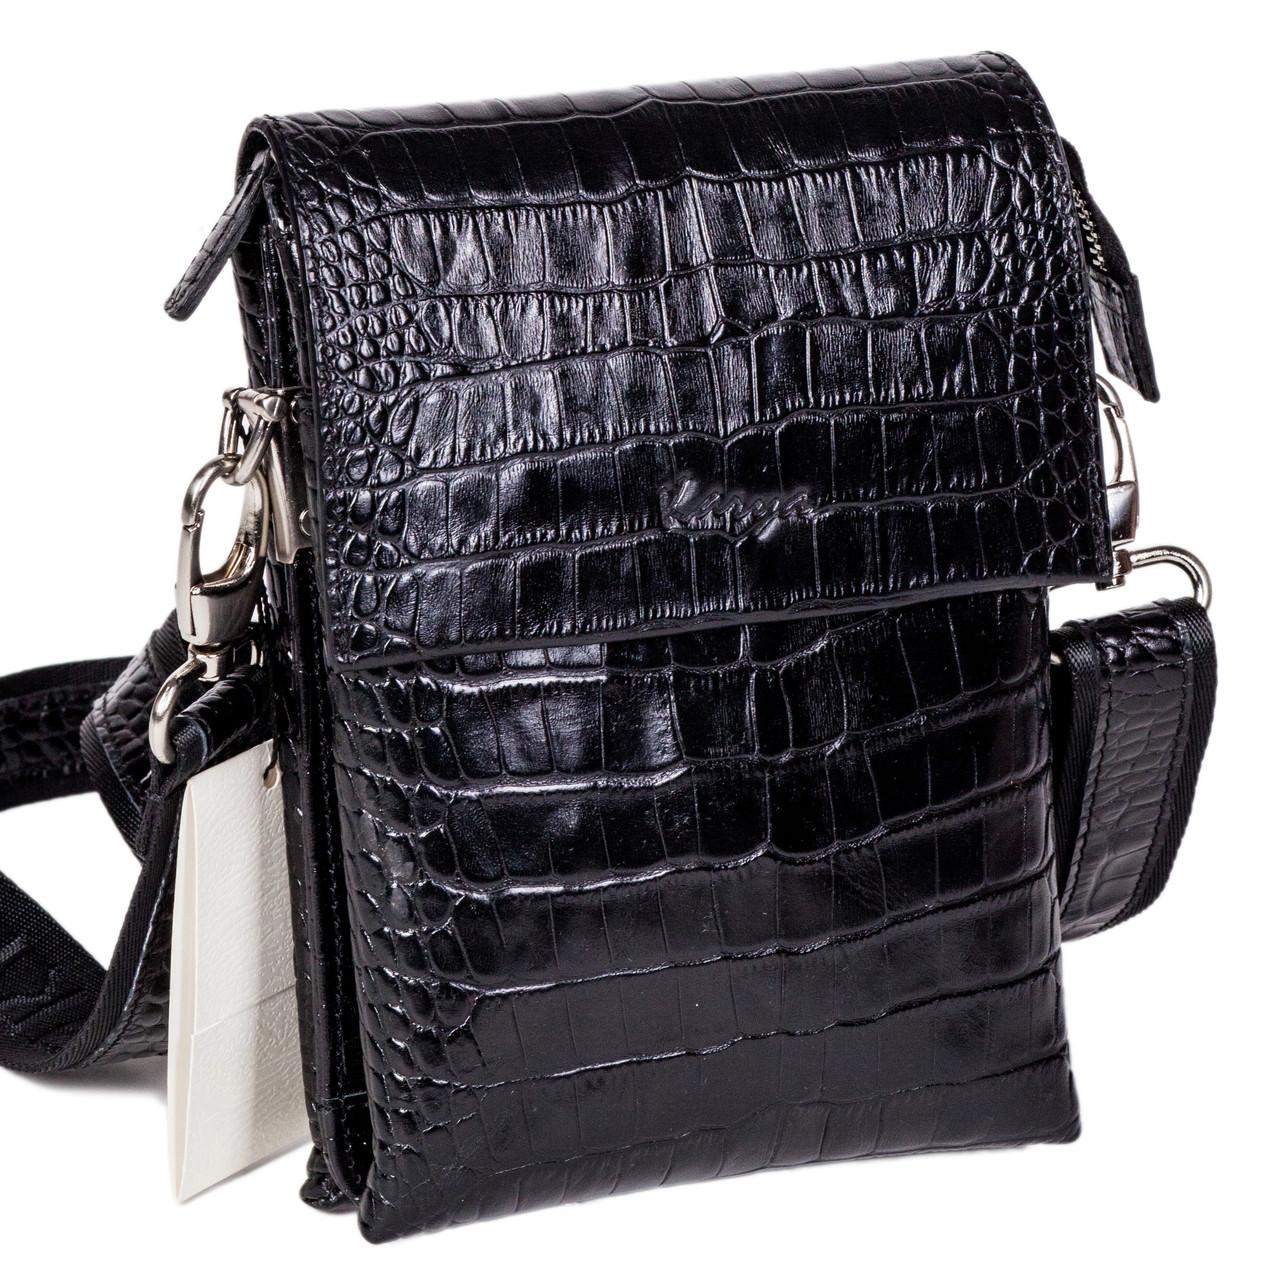 Мужская сумка Karya 0565-53 через плечо кожаная черная